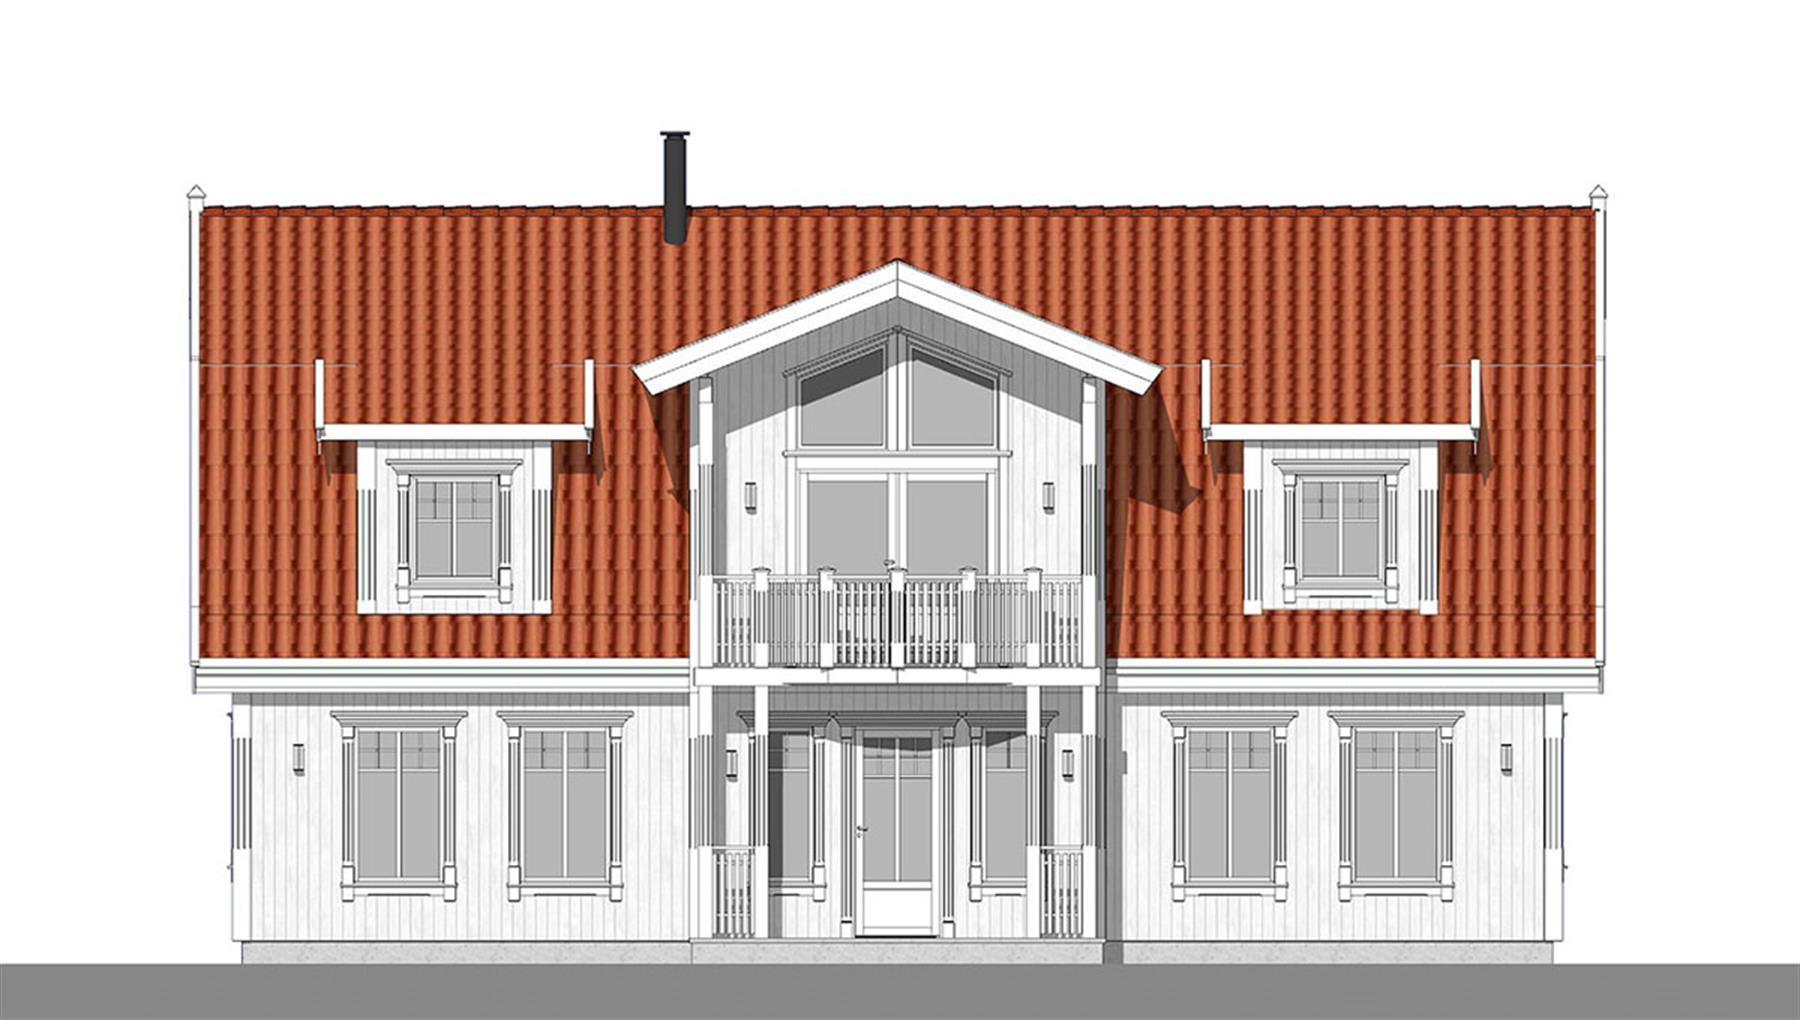 Fanafjord fasade 3